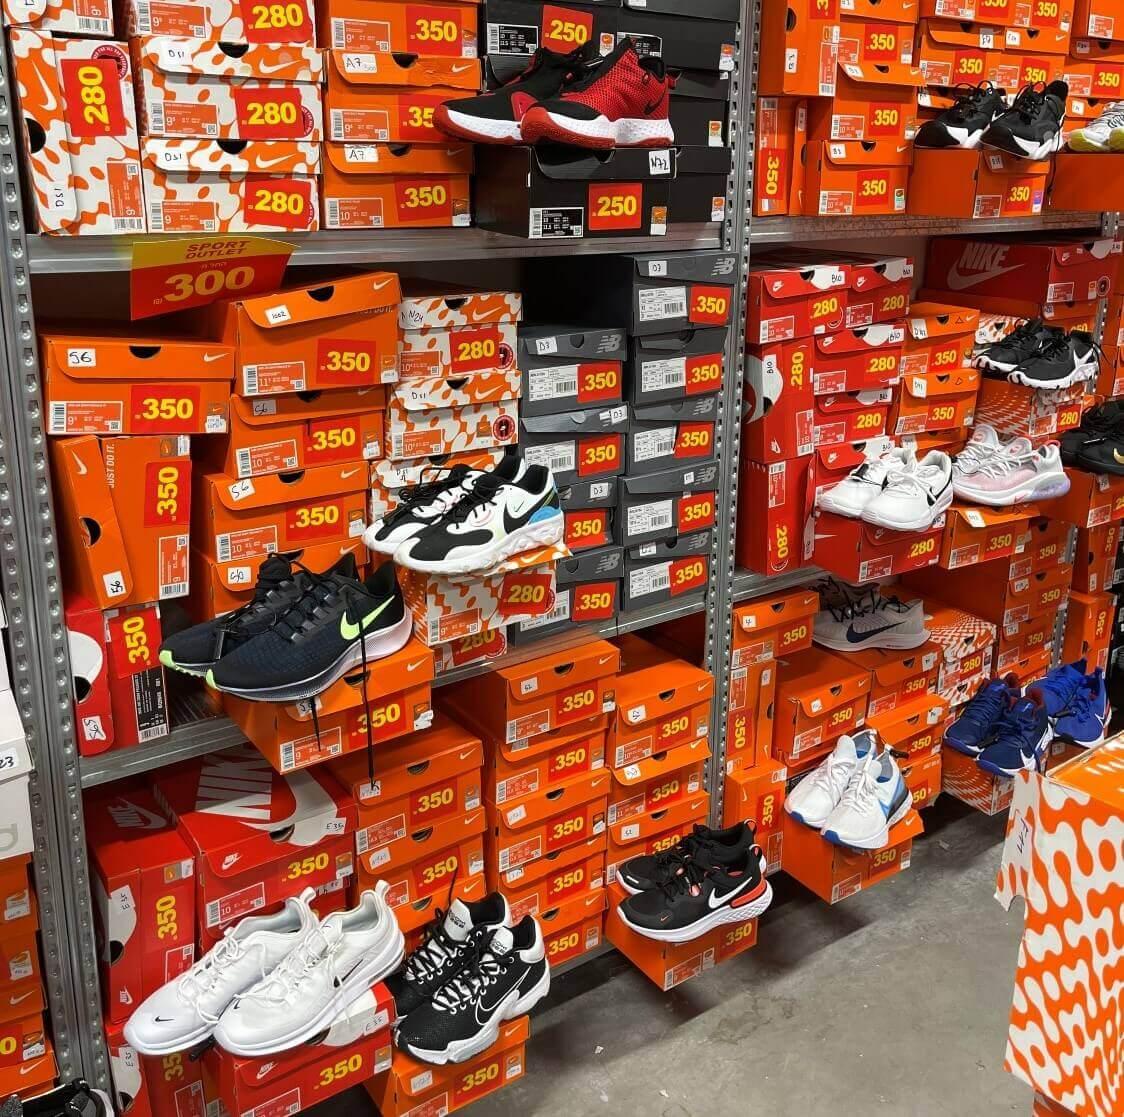 """נעלי ספורט בחנות ספורט OUTLET מבית דרים ספורט בביל""""ו סנטר"""